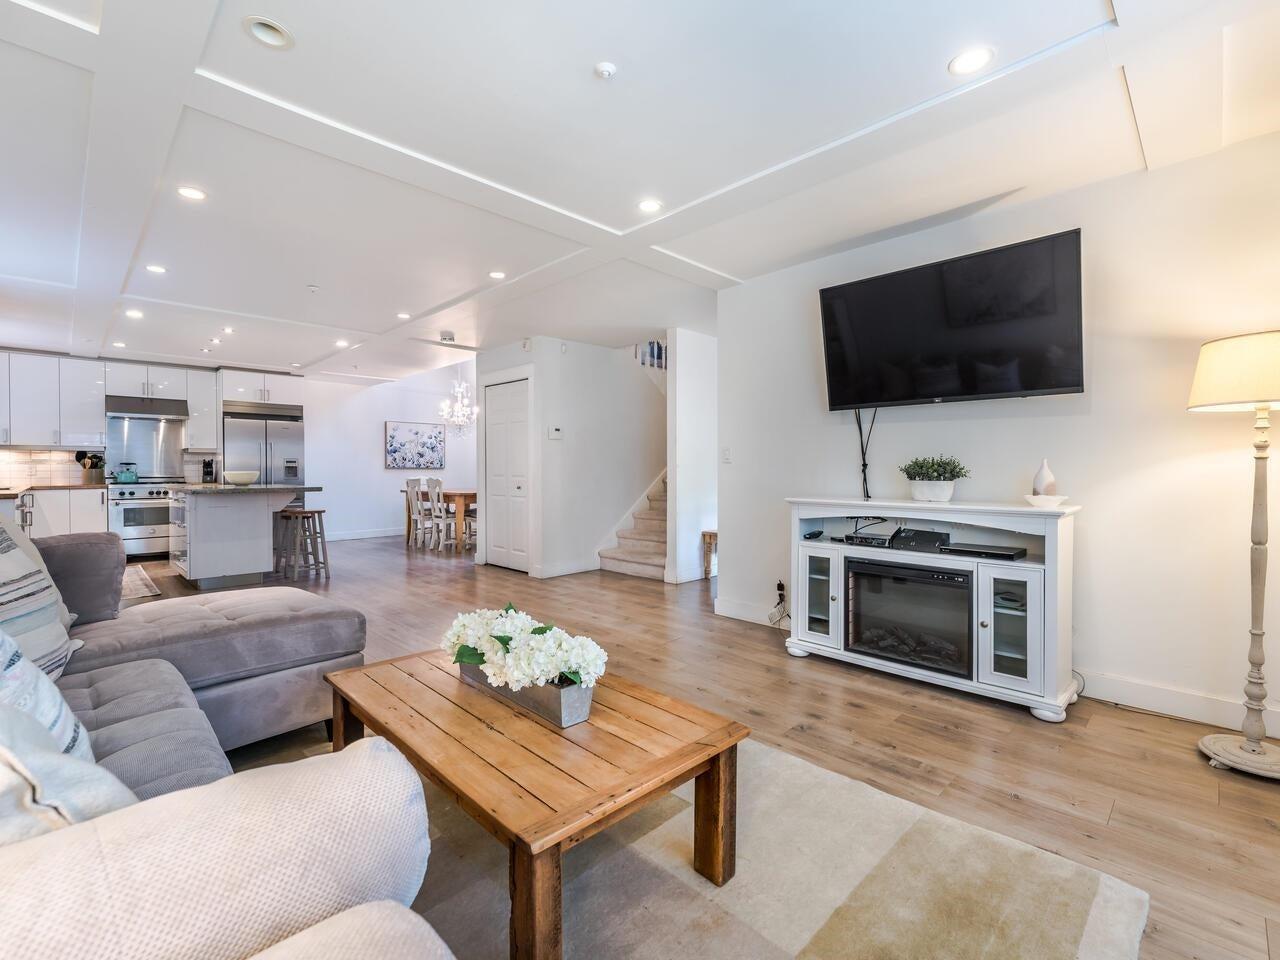 1231 E 11TH AVENUE - Mount Pleasant VE 1/2 Duplex for sale, 3 Bedrooms (R2625828) - #14